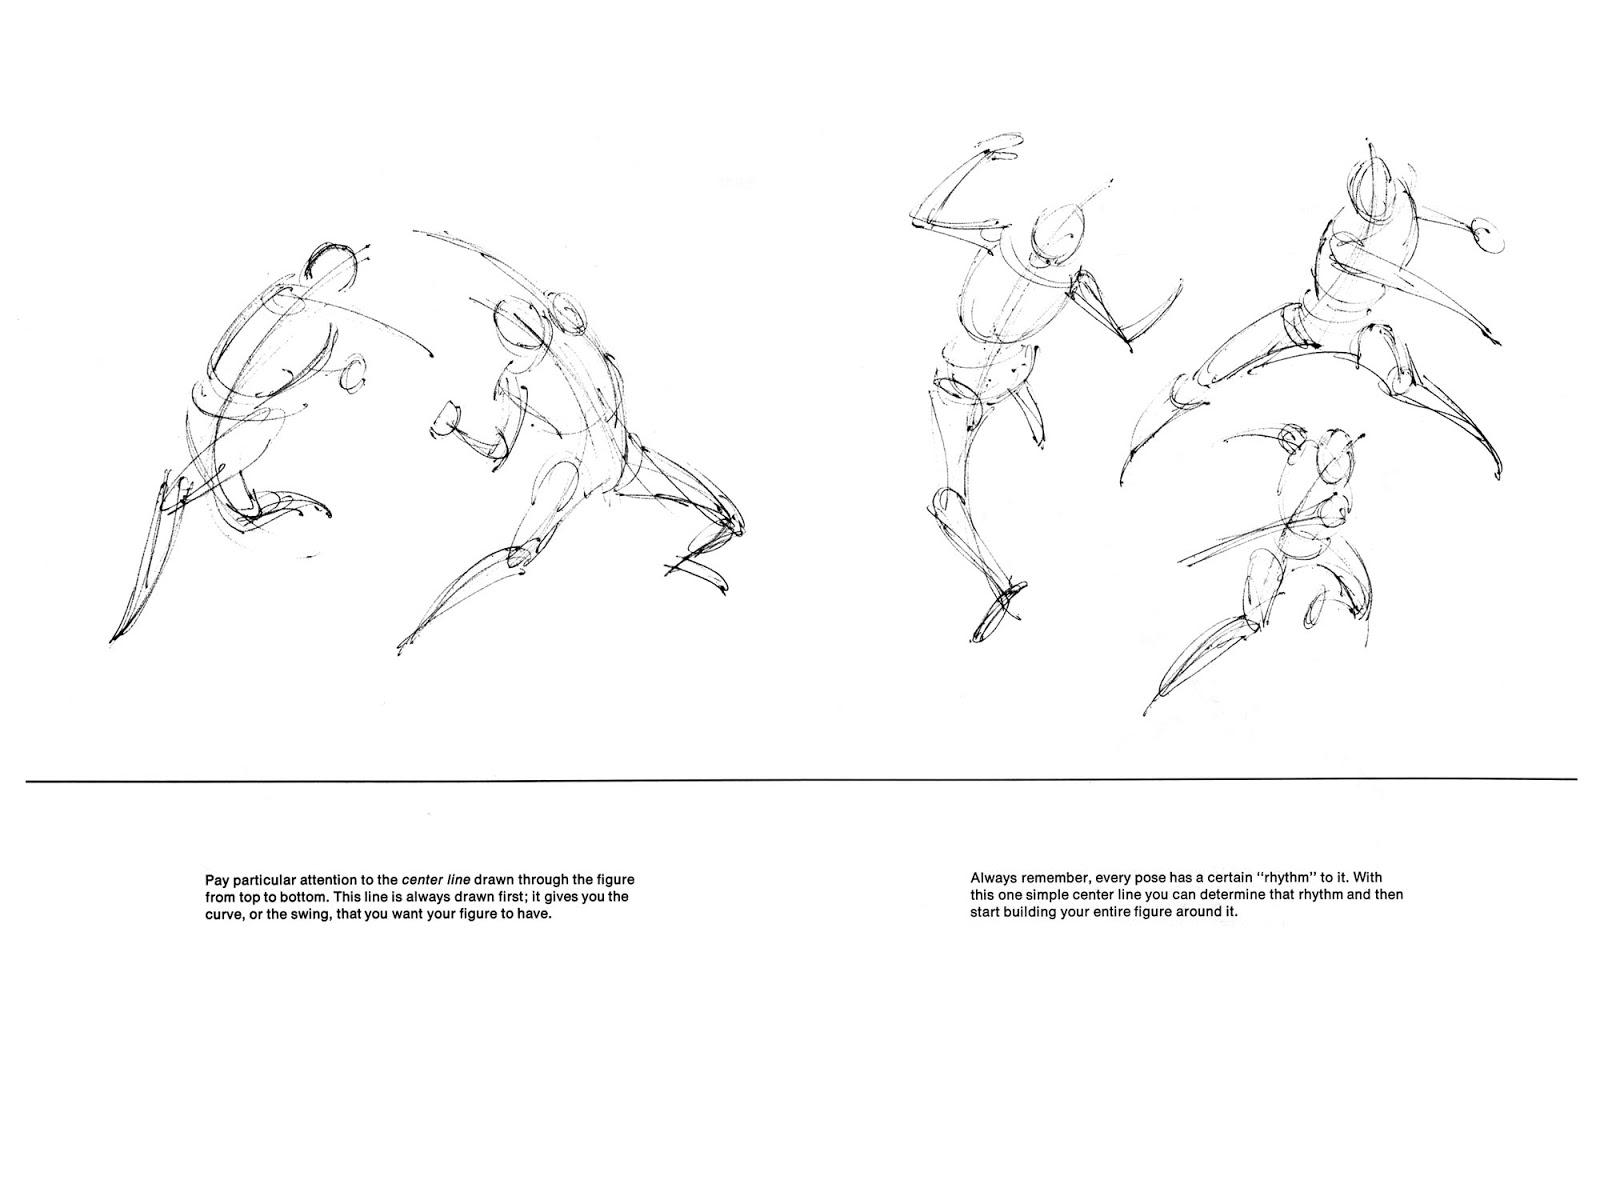 Scribble Method Drawing : Saturday comics class scribble method